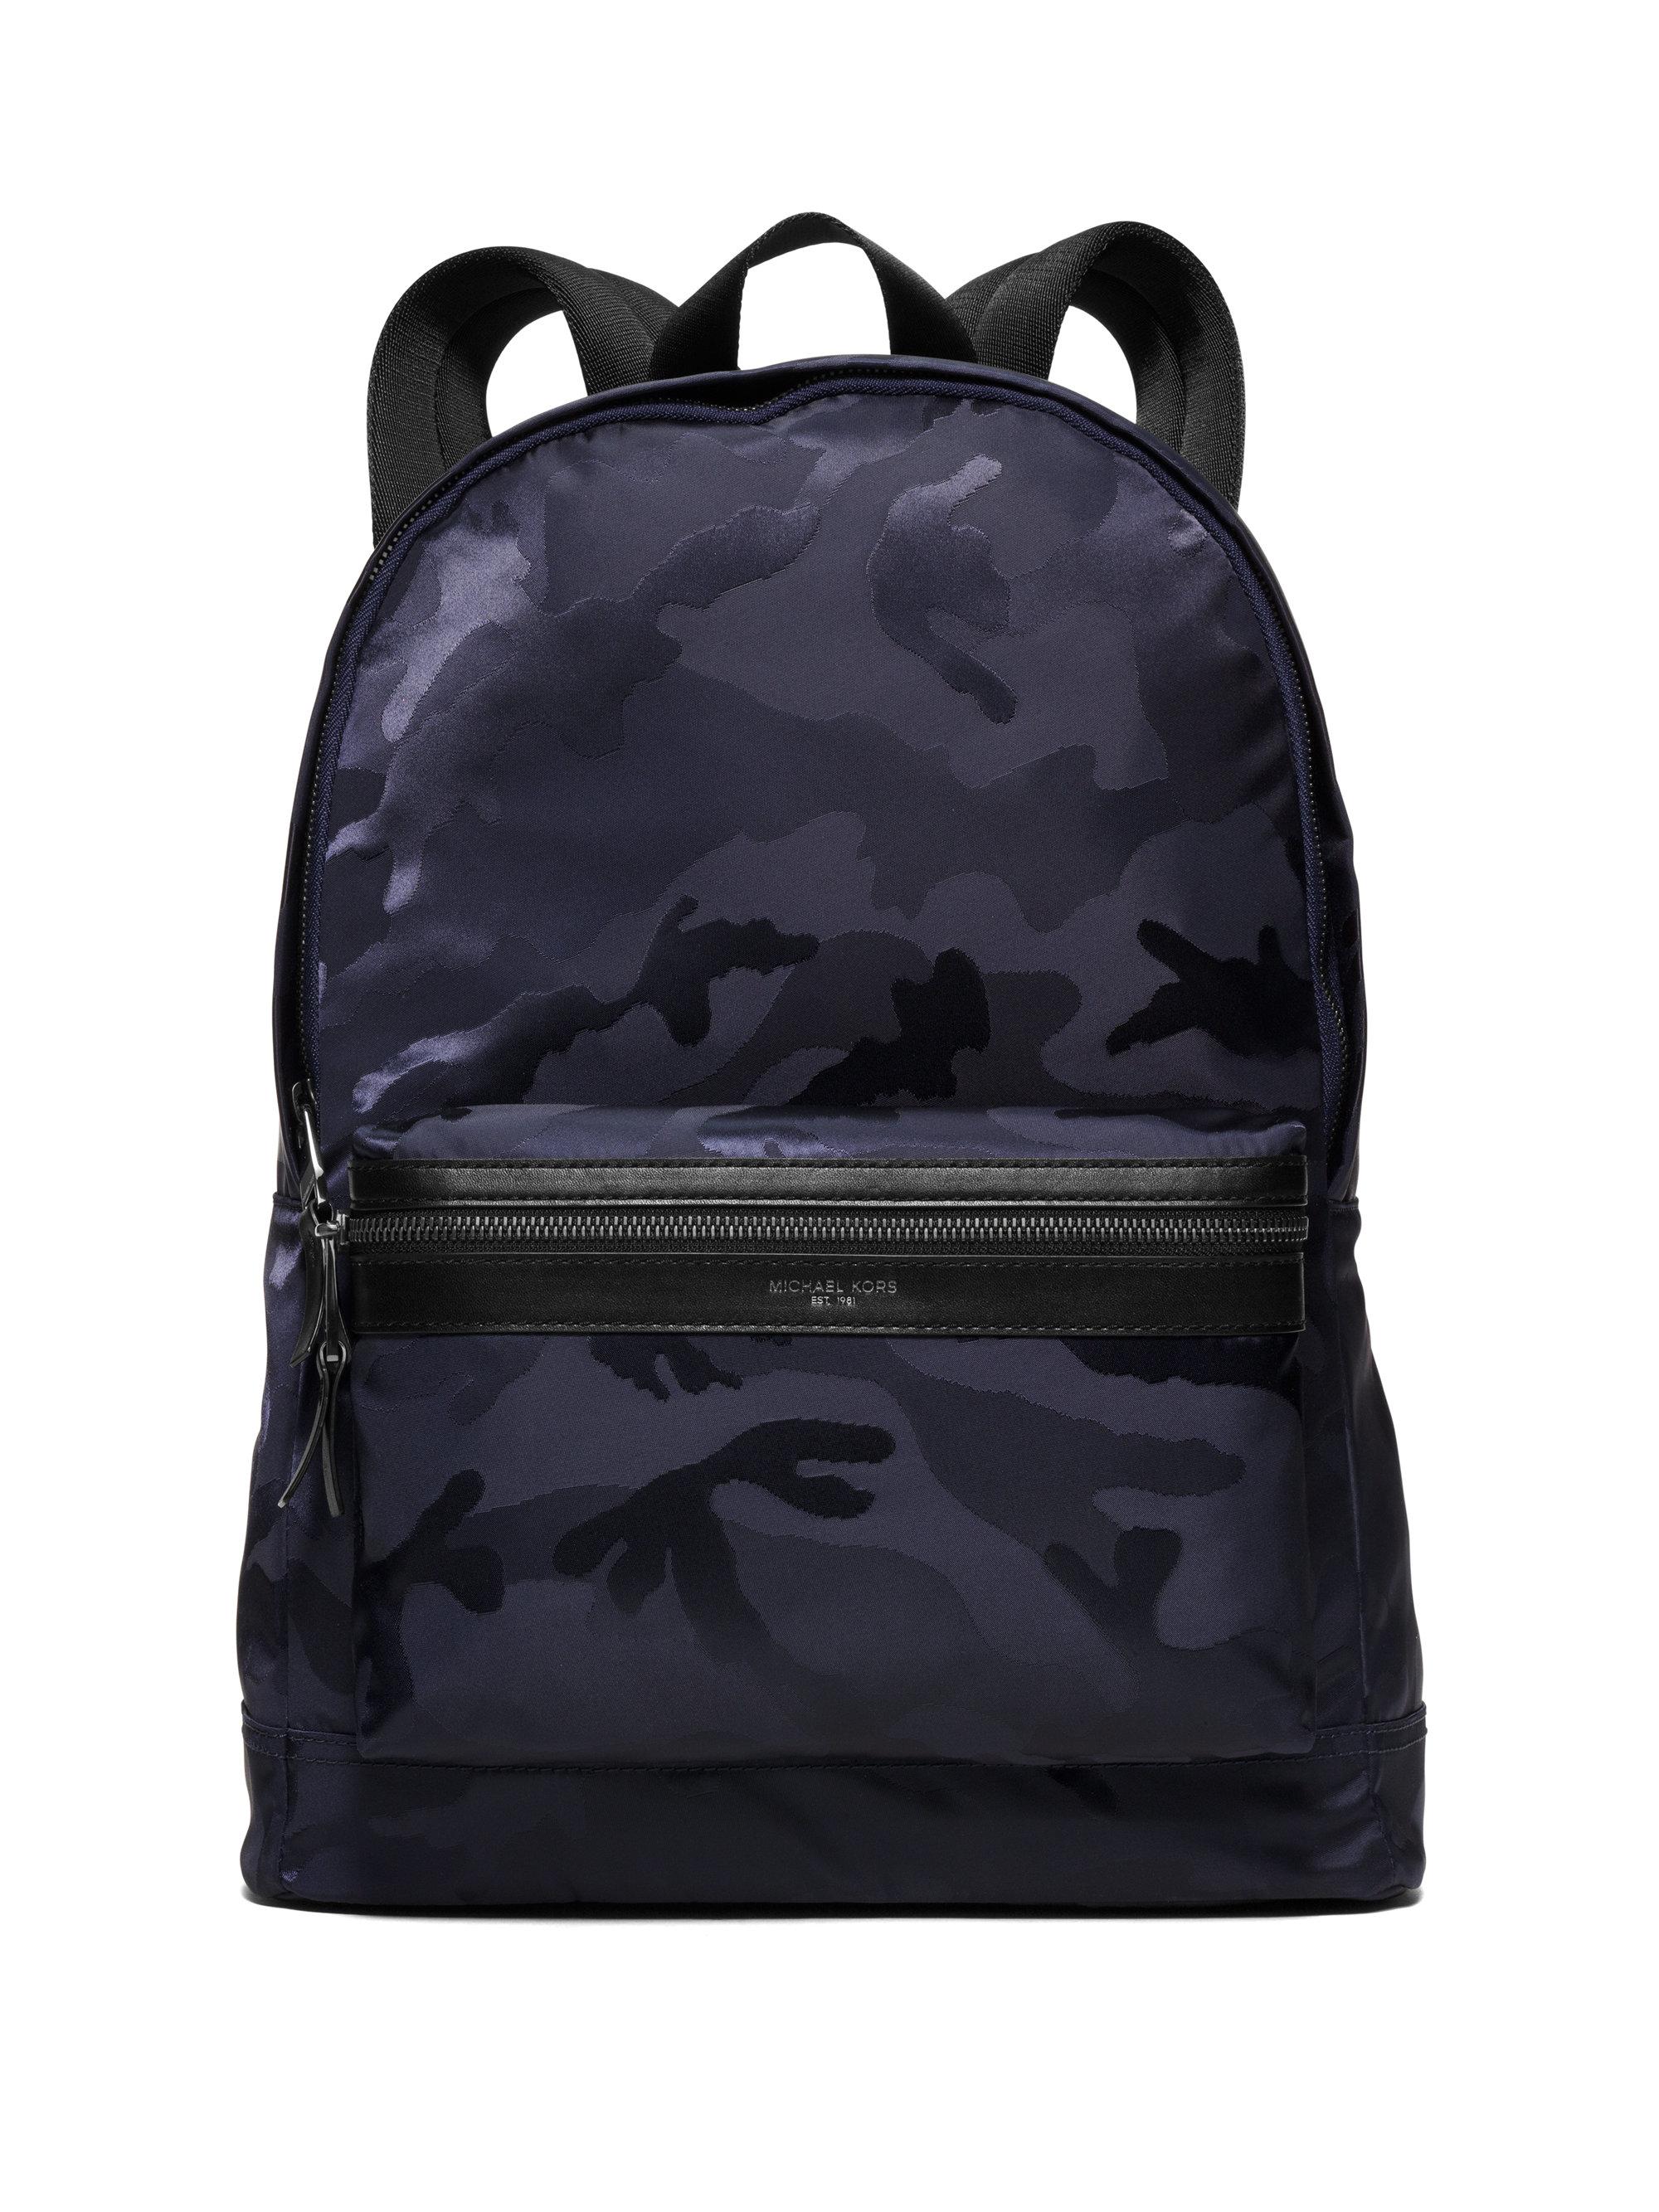 michael kors animal jacquard backpack for sale mkoutlet. Black Bedroom Furniture Sets. Home Design Ideas